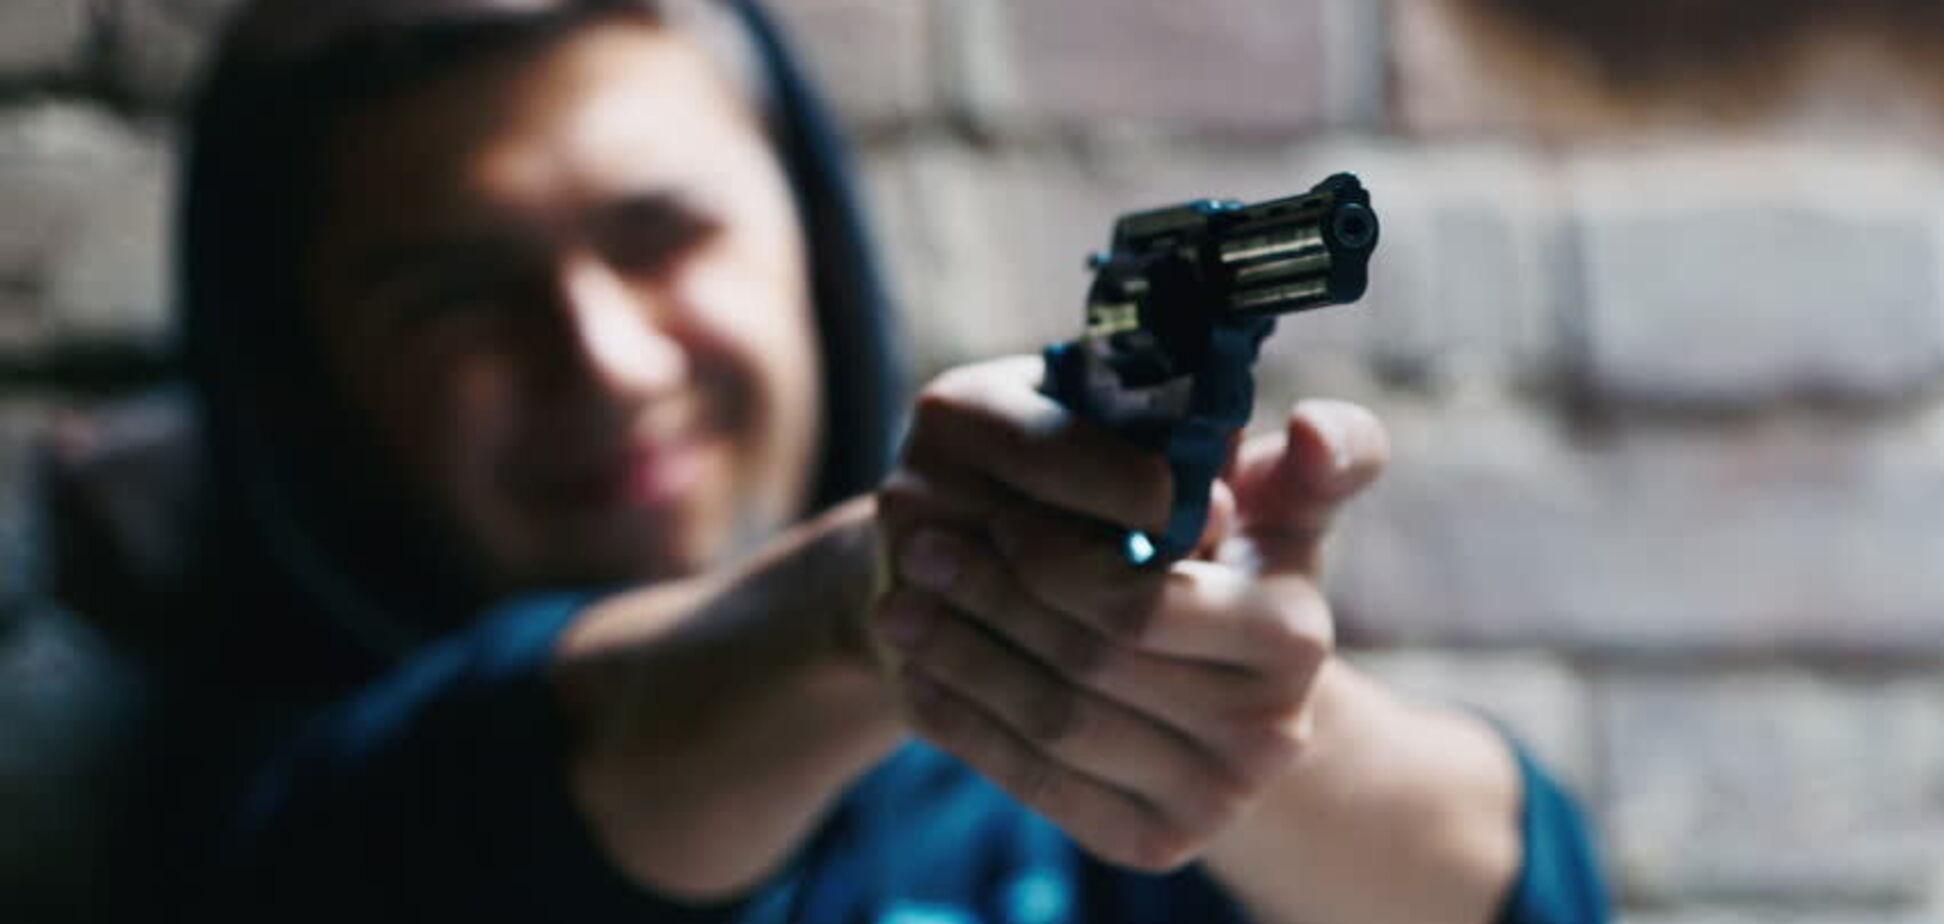 Підліток влаштував стрілянину посеред вулиці в Дніпрі: подробиці